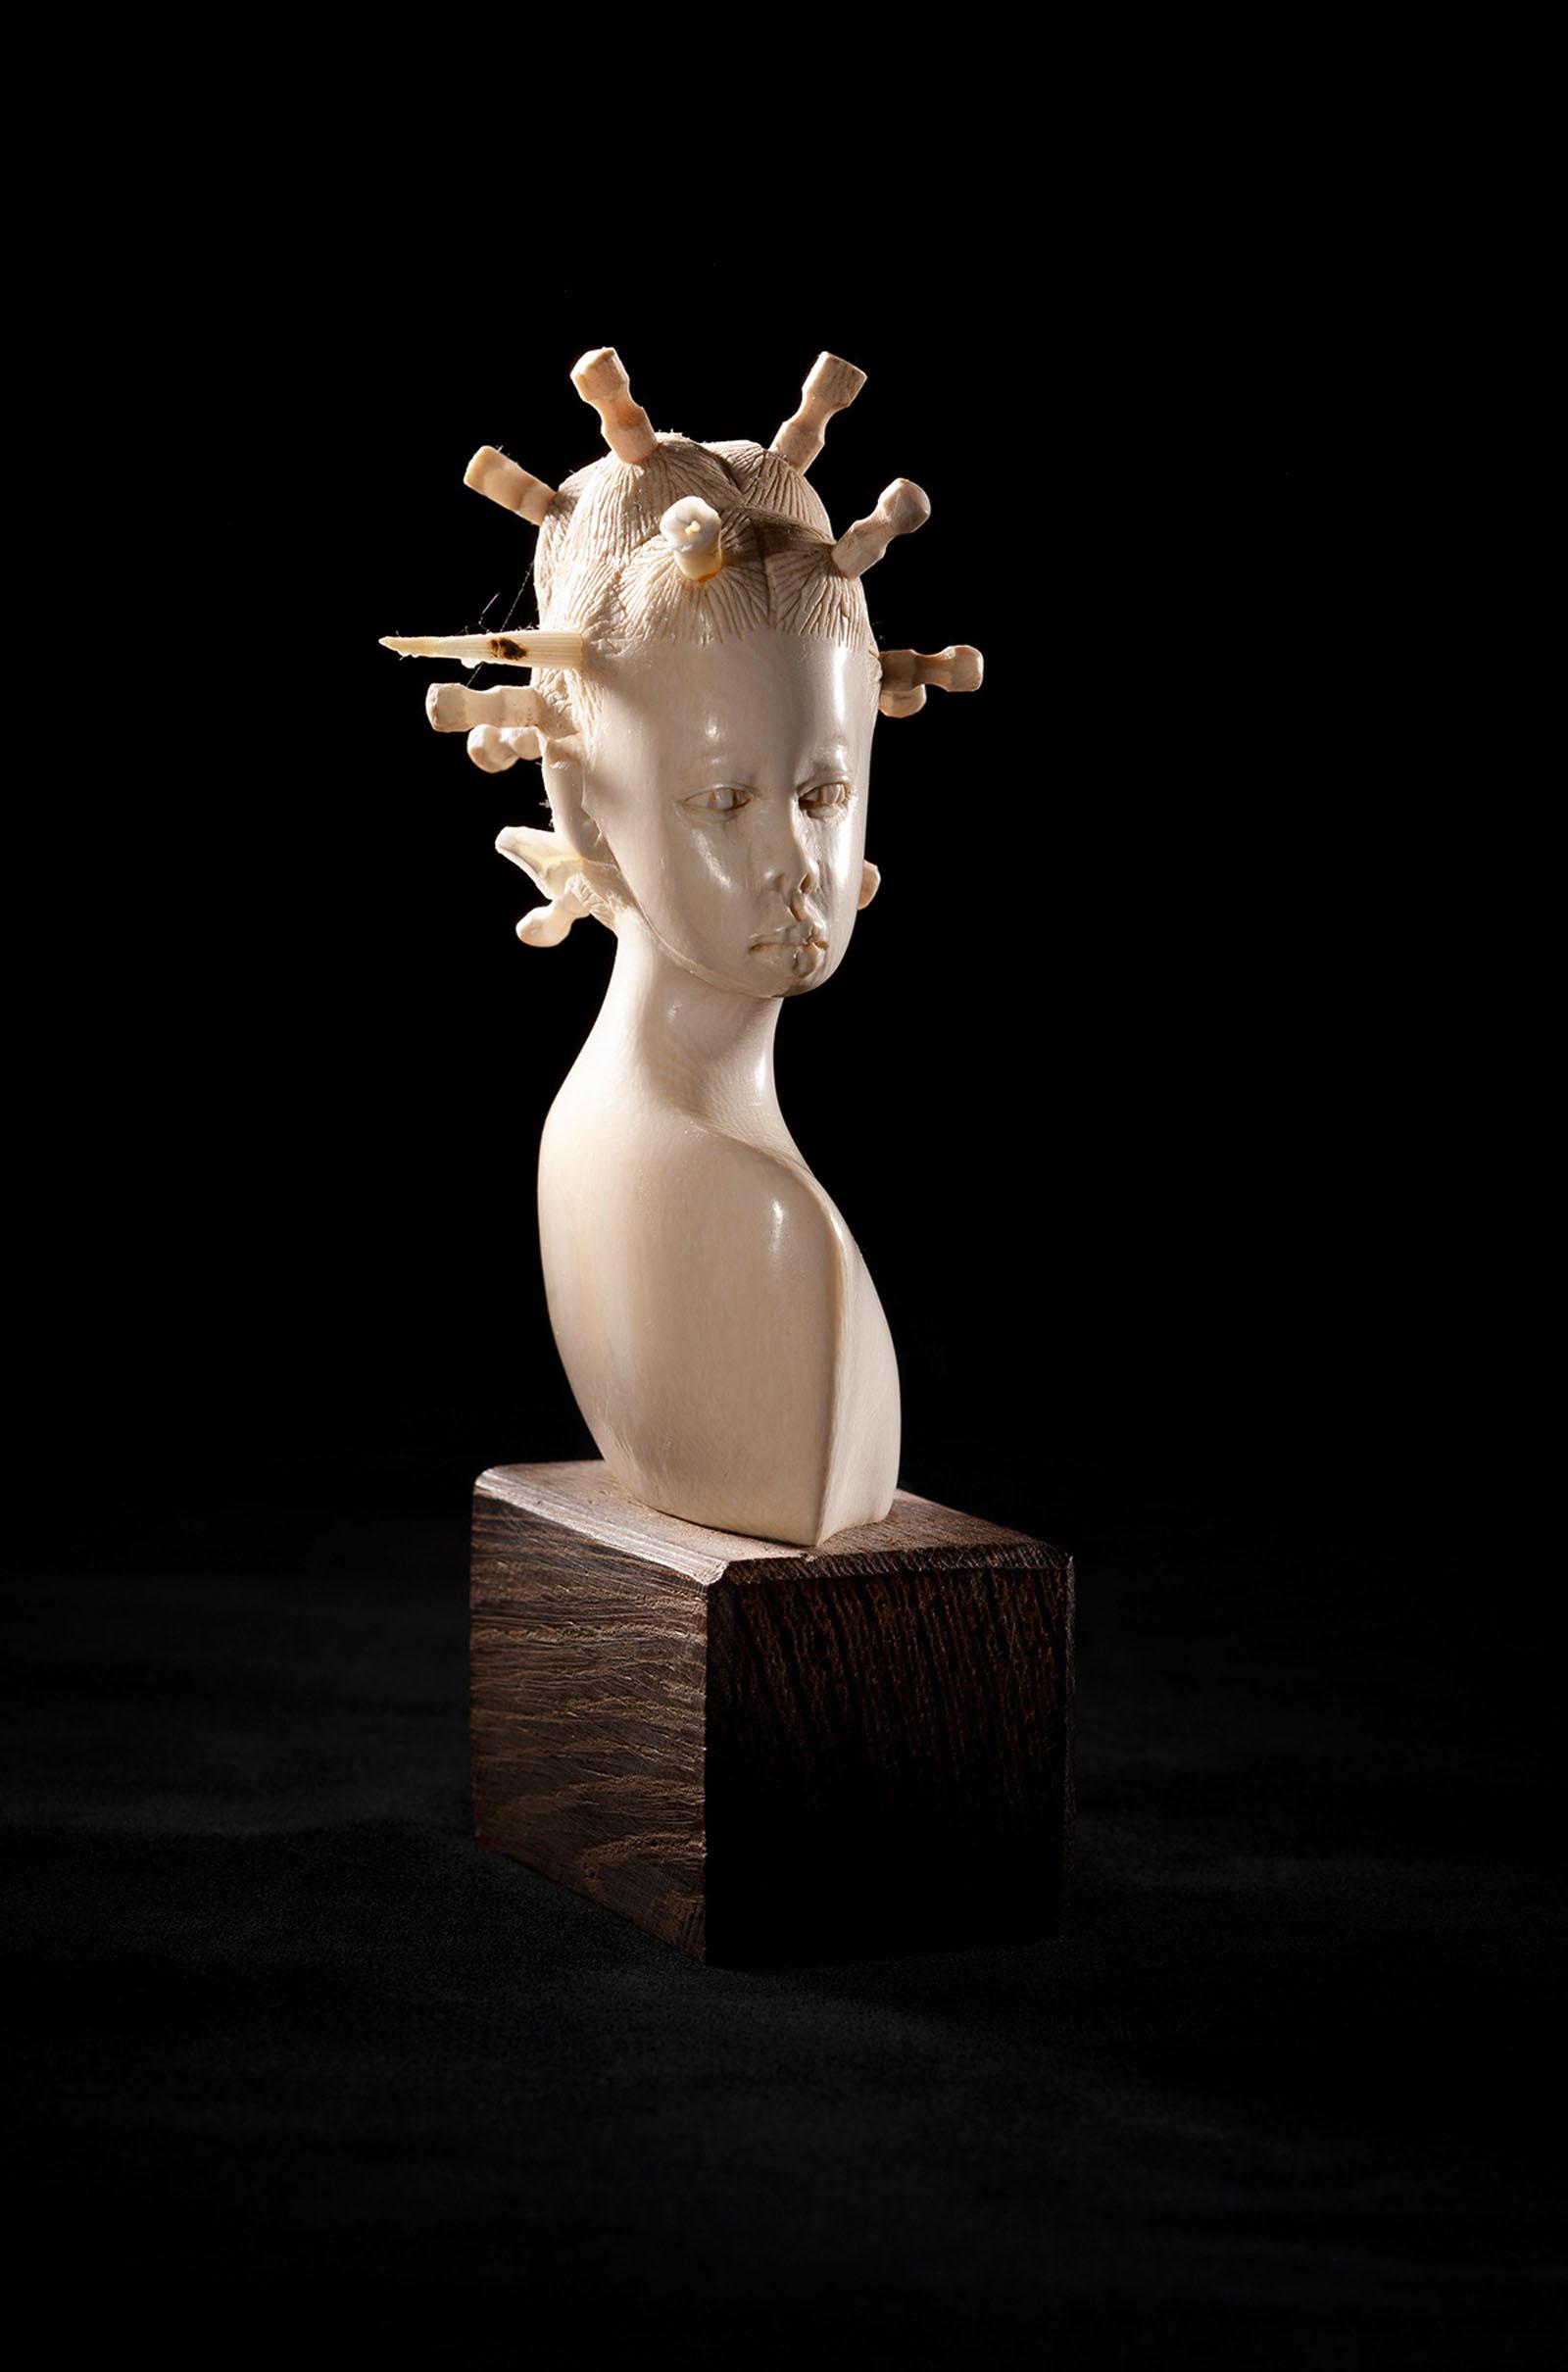 """o.T. aus """"Manipulationen"""", 2014, 16 x 8 x 8 cm, Elfenbeinbüste auf Ebenholz, Fuchszähne, Stachelschwein-Stachel"""